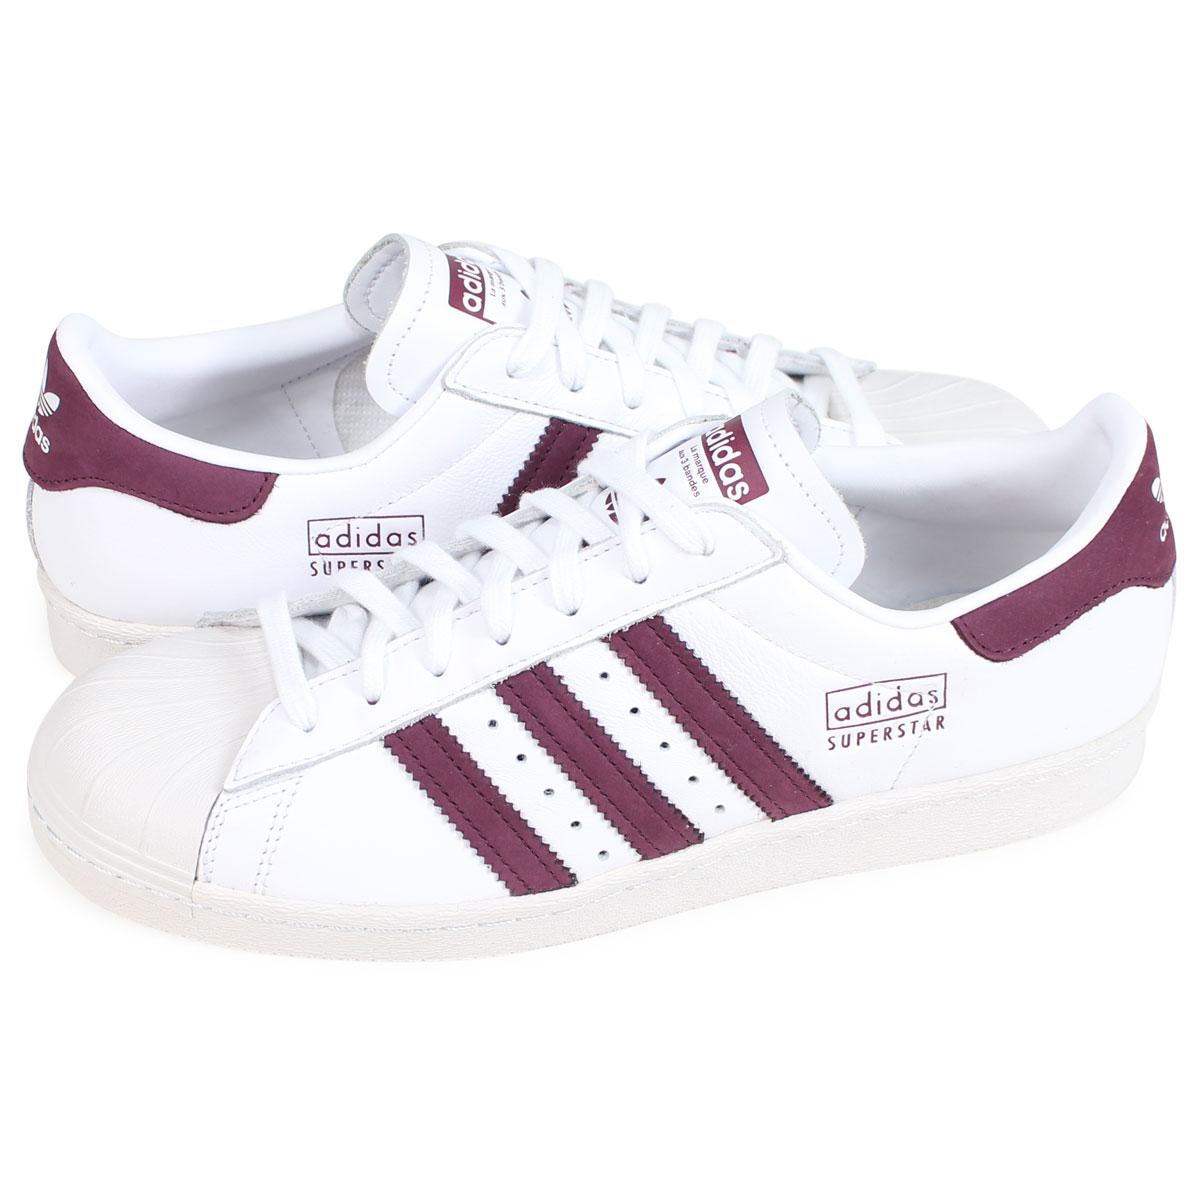 finest selection e2ca8 19a28 adidas Originals SUPERSTAR Adidas originals superstar 80s sneakers men white  CM8439  1 18 Shinnyu load   191